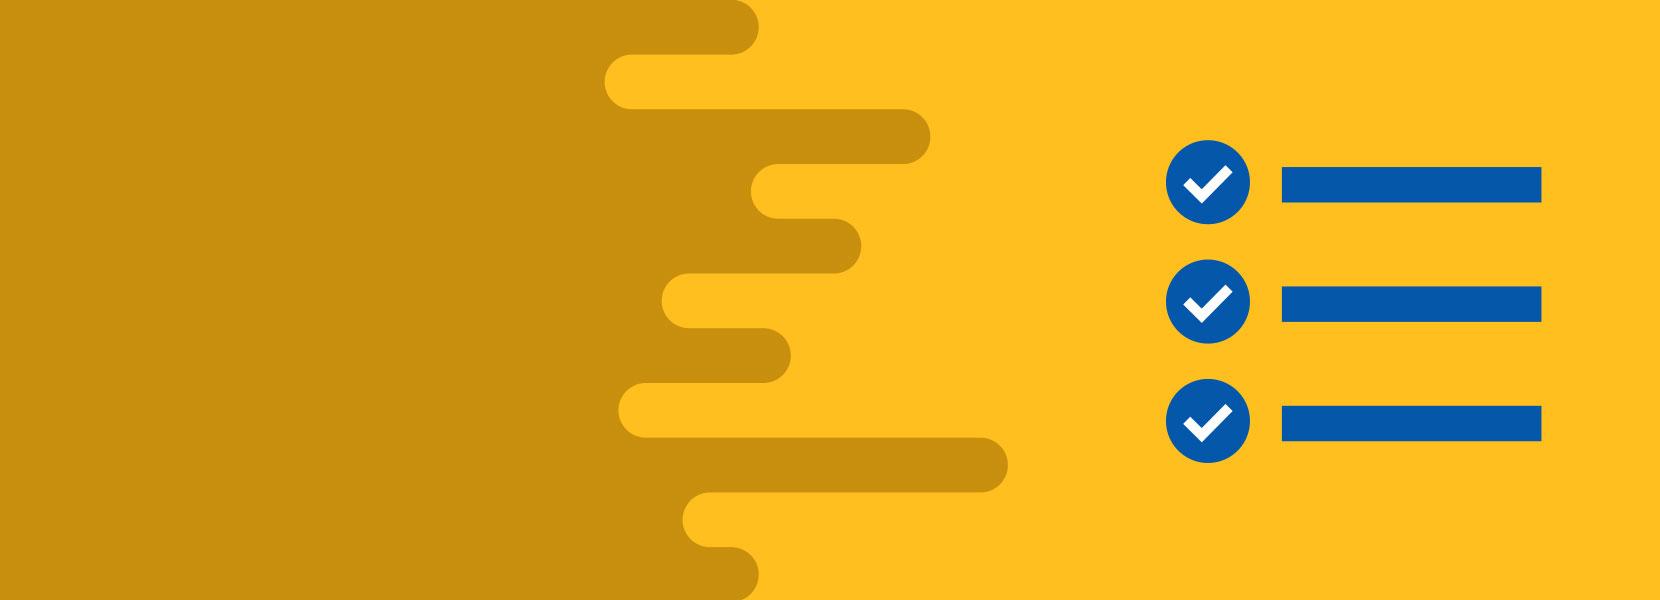 برنامه نویسی به کمک Xamarin چطور سرعت کار را افزایش می دهد؟